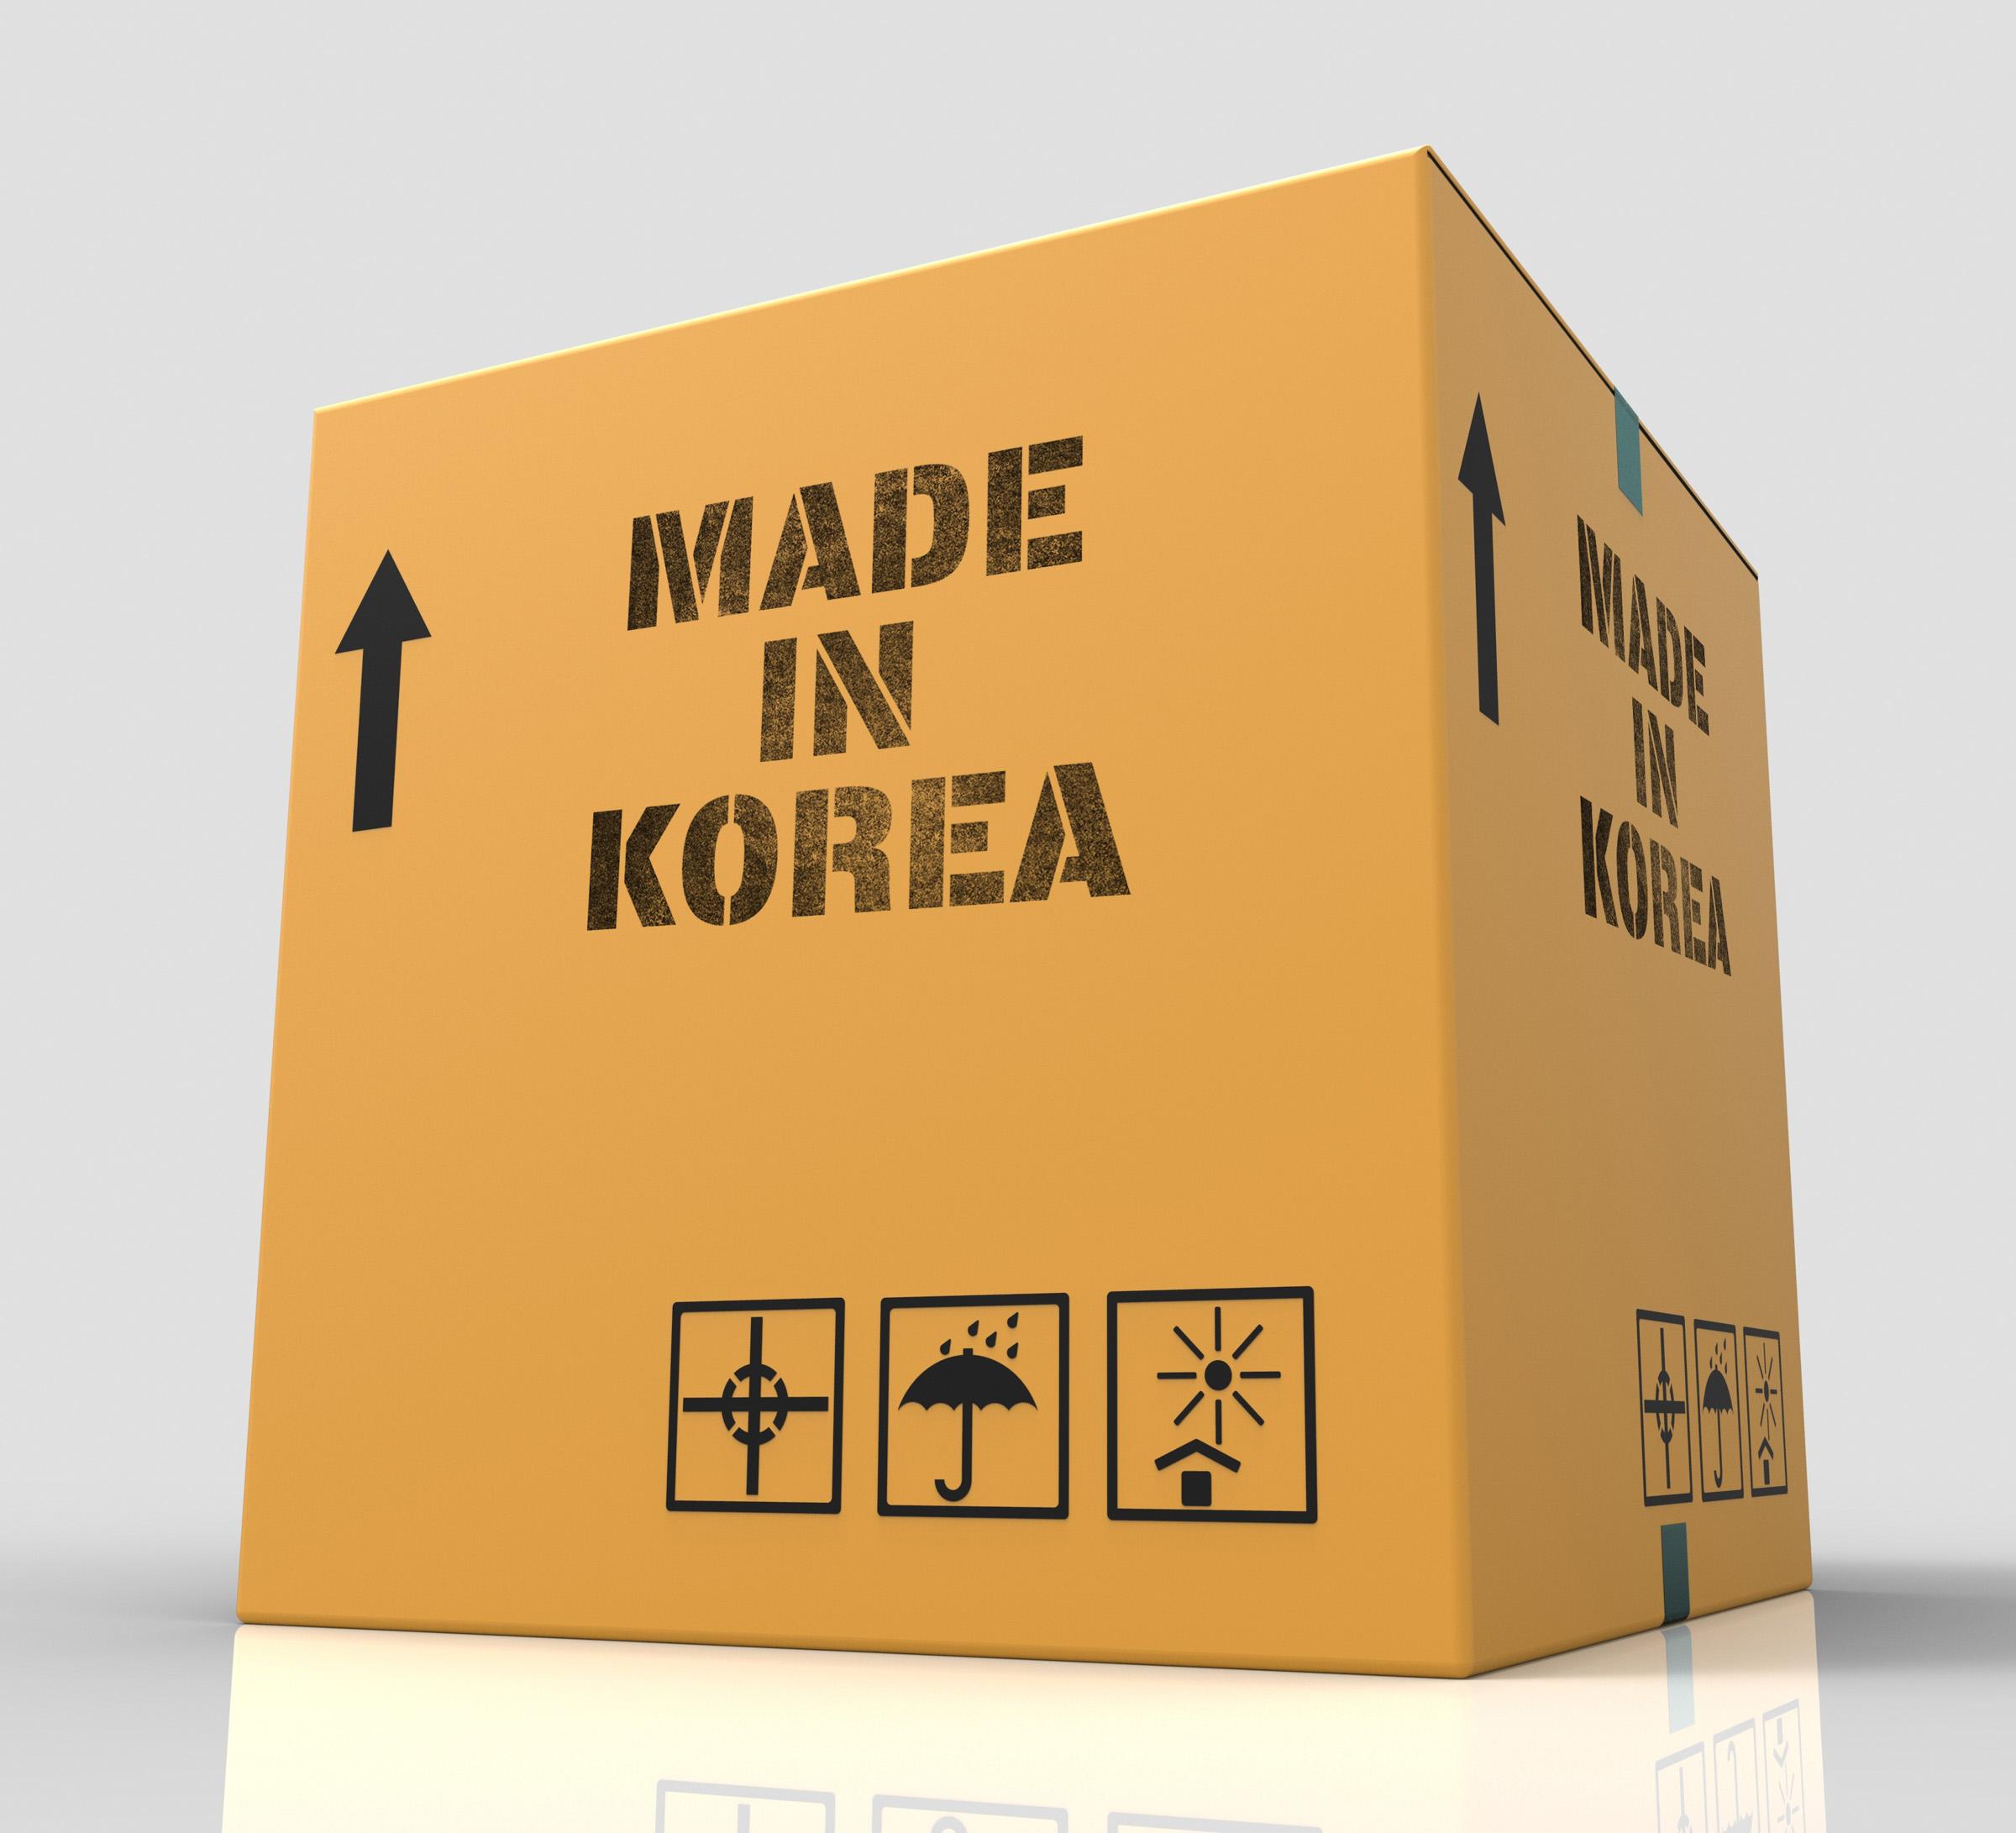 O acordo de livre comércio entre o Mercosul e a República da Coreia